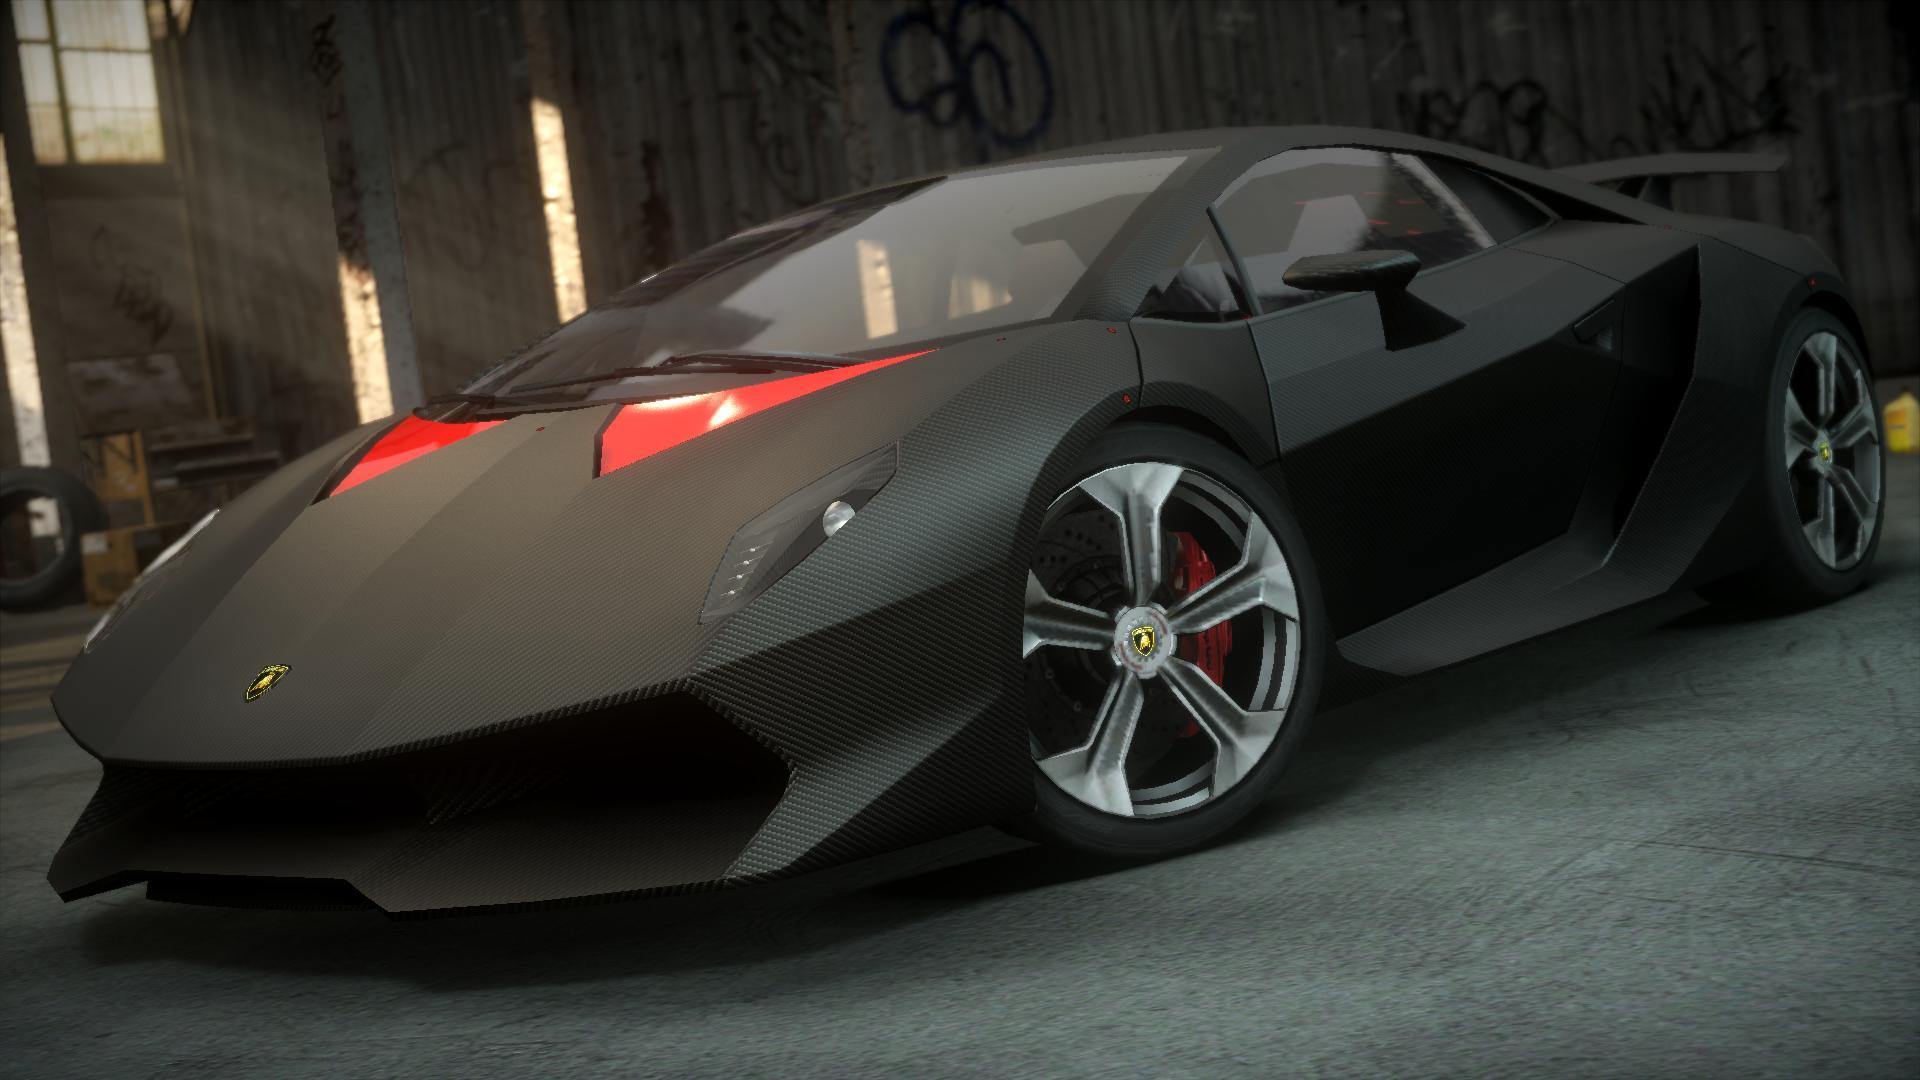 Lamborghini Sesto ElementoNfs Rivals Lamborghini